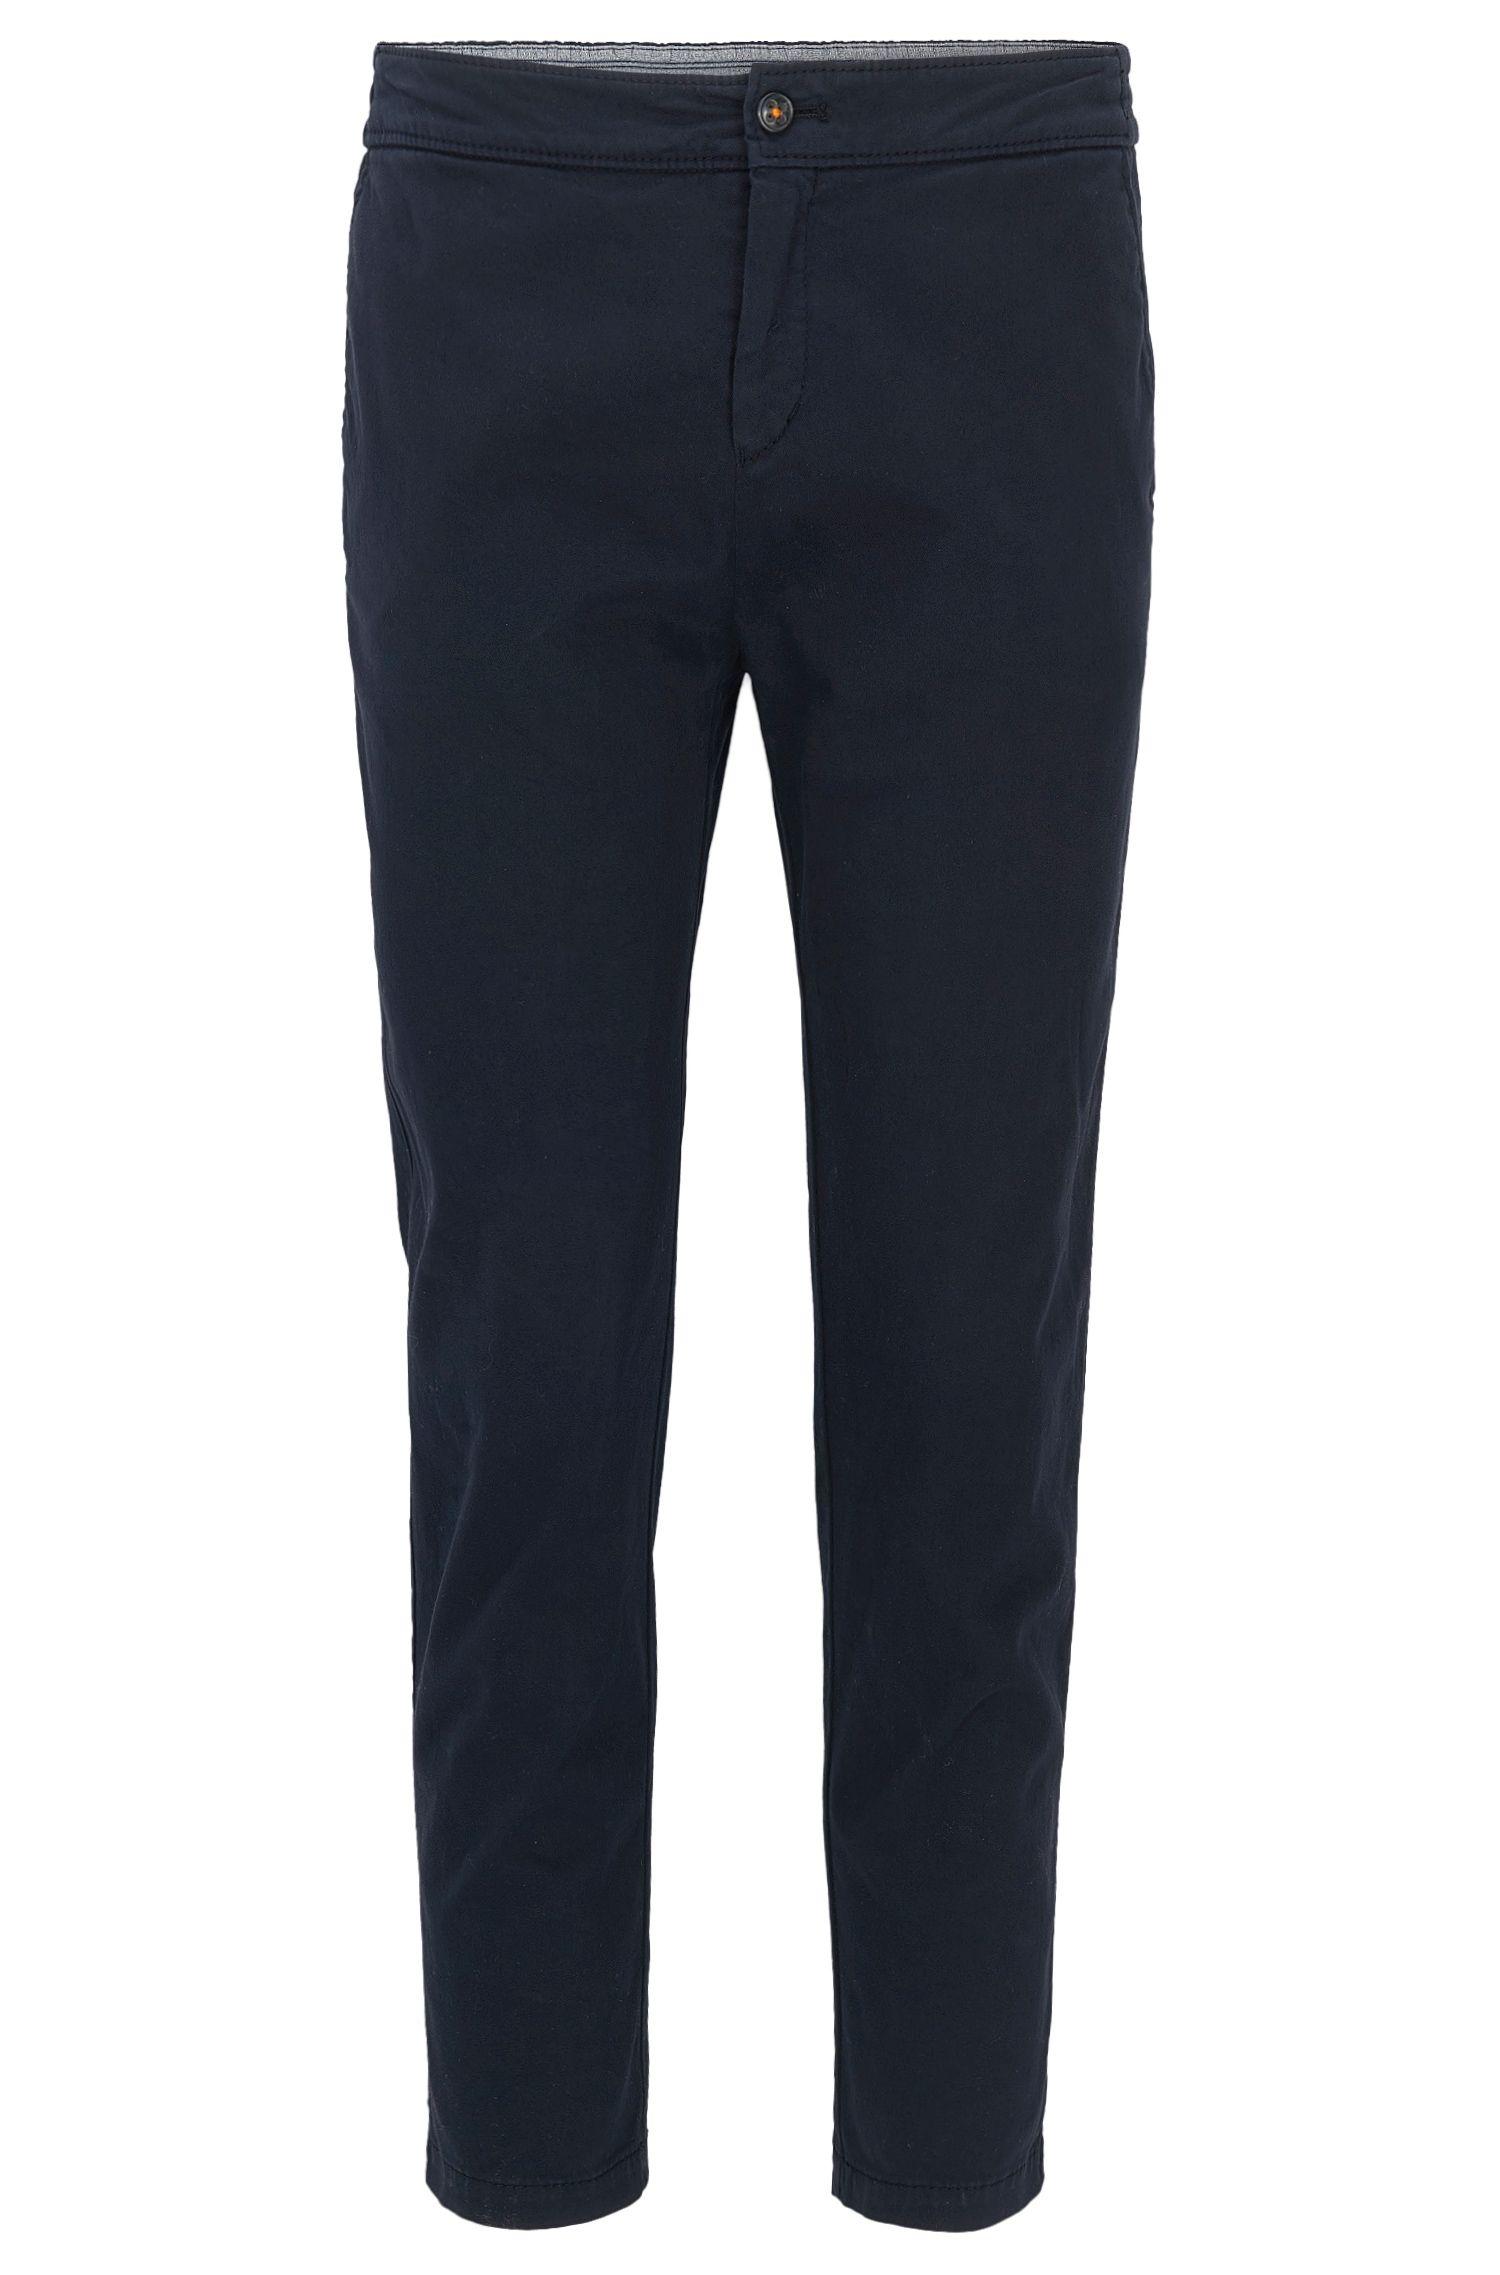 Pantaloni regular fit in cotone elasticizzato